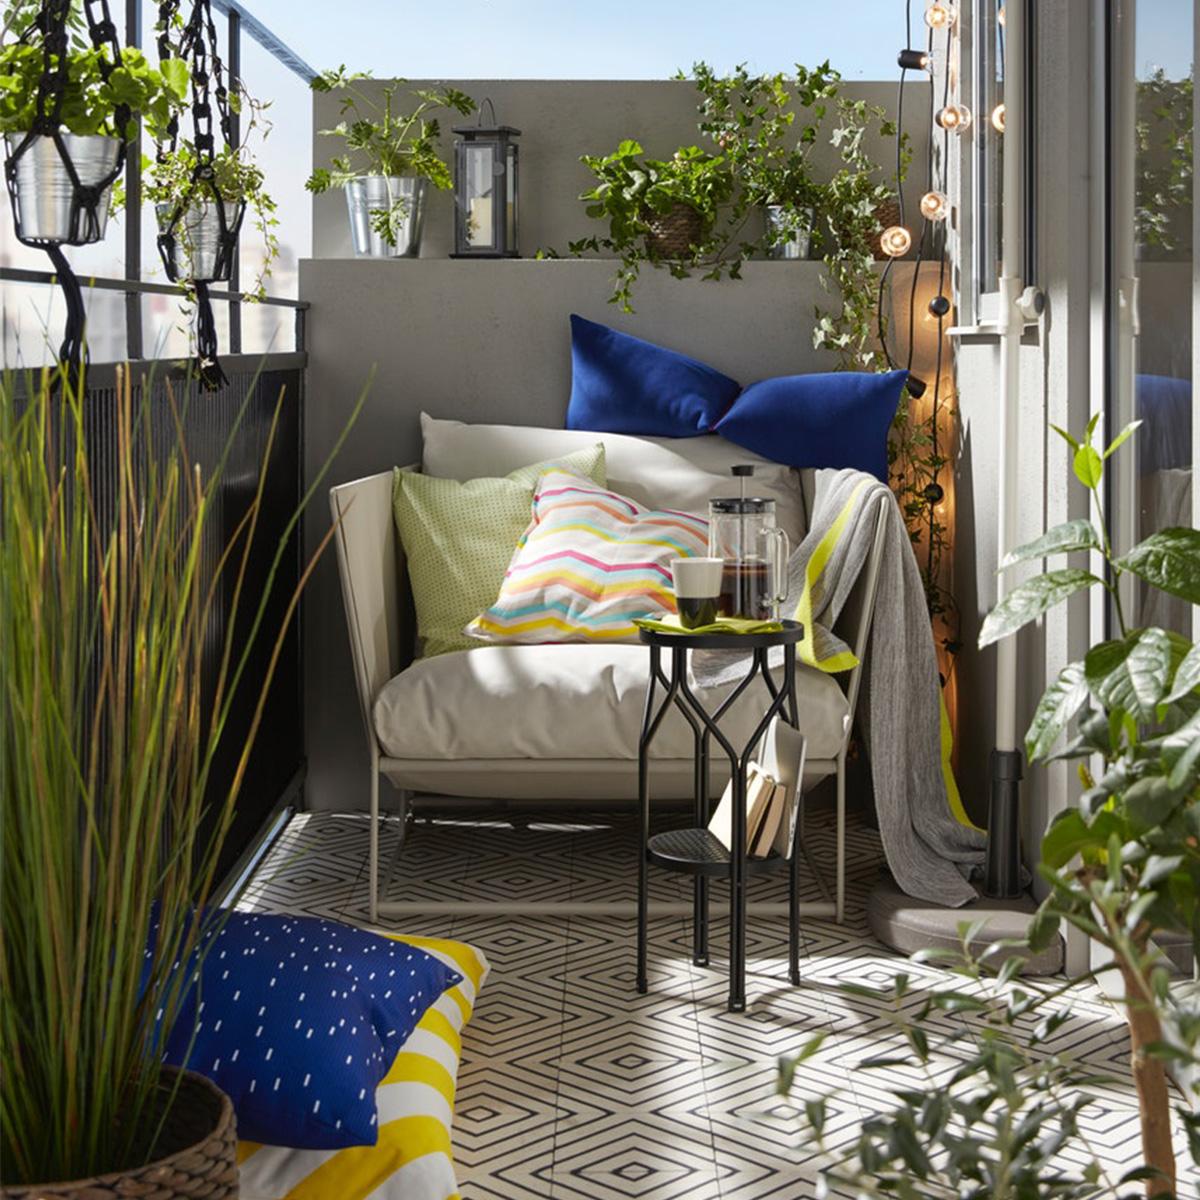 garten balkon terrasse ikea schweiz